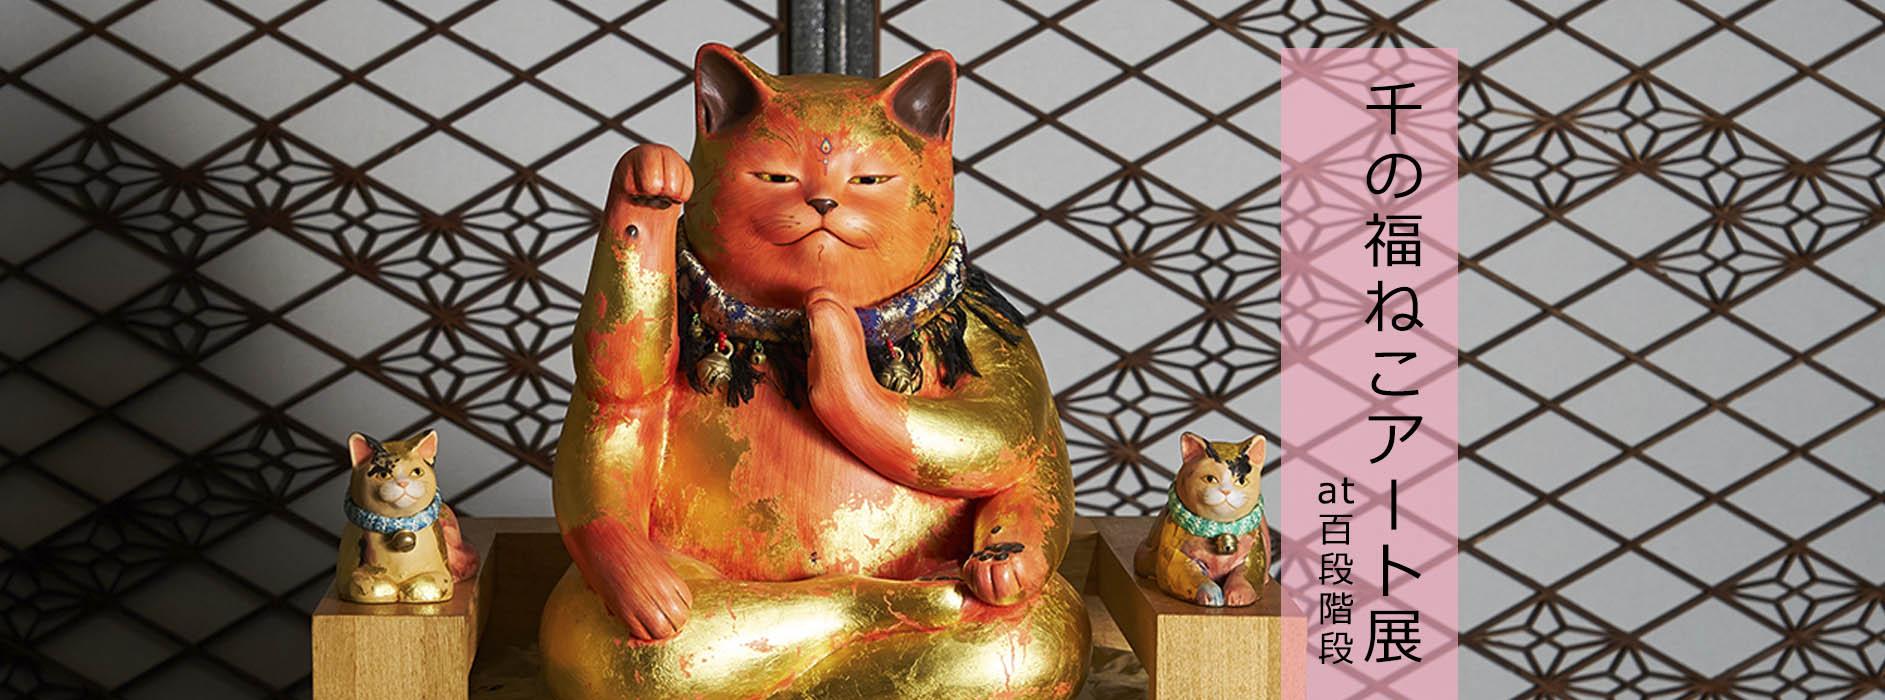 千の福ねこアート展at百段階段 猫の一生~誕生から天上界まで~